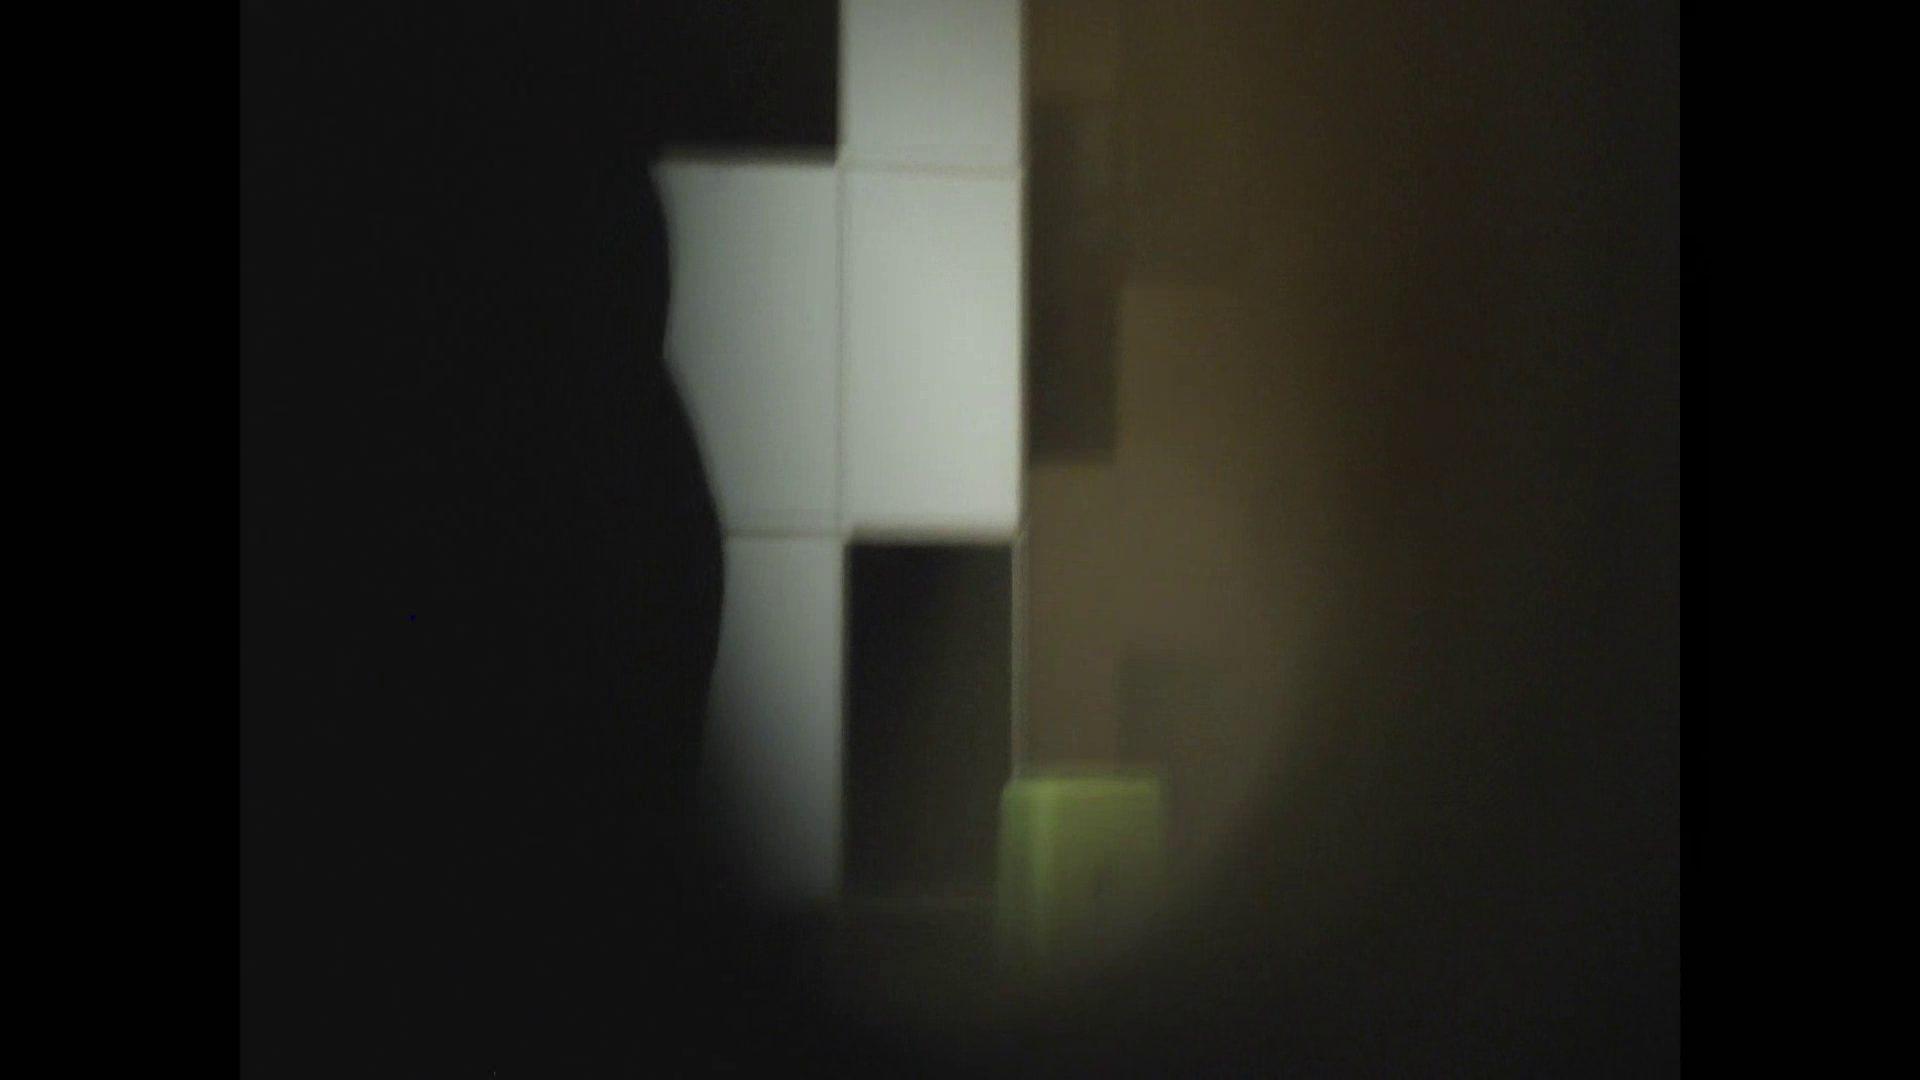 イケメンの素顔in洗面所 Vol.06 イケメンのゲイ達  109枚 76